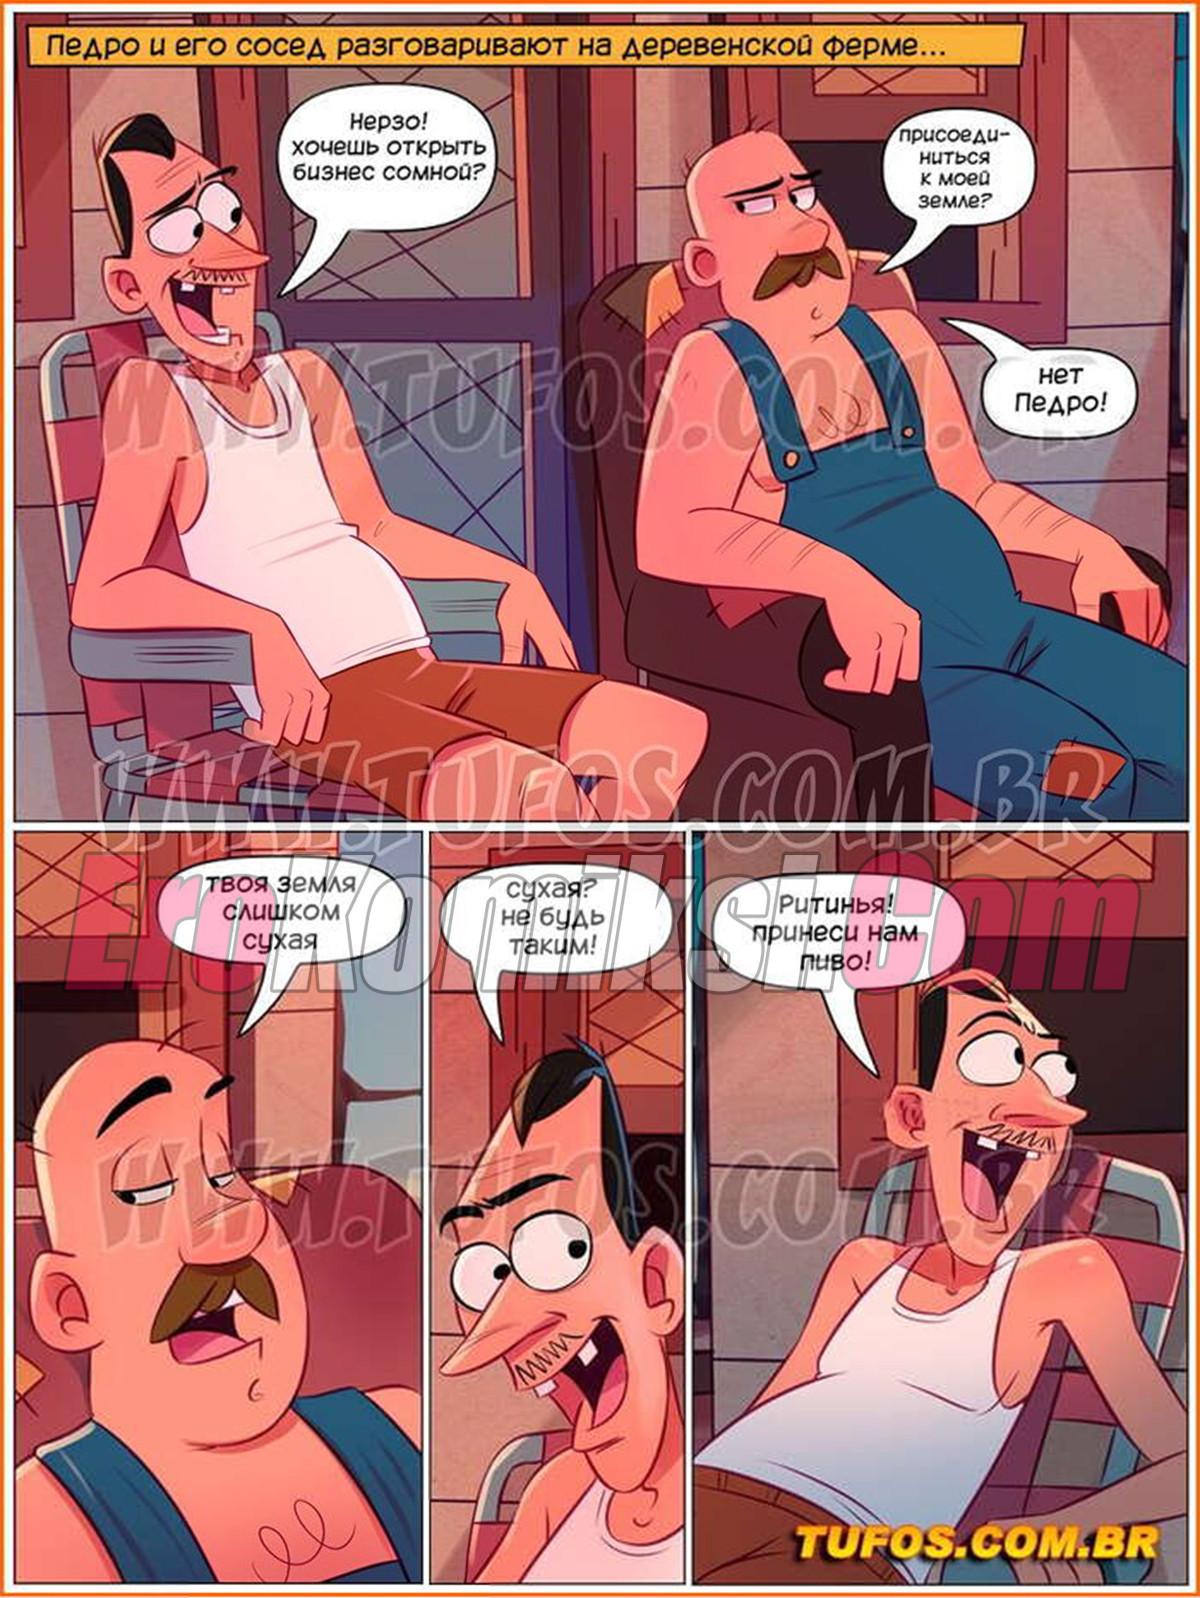 """Порно комикс """"Деревенская семейка. Часть 38: Сделка закрыта"""". Без цензуры, Большие сиськи, Большие члены, Измена, Минет"""